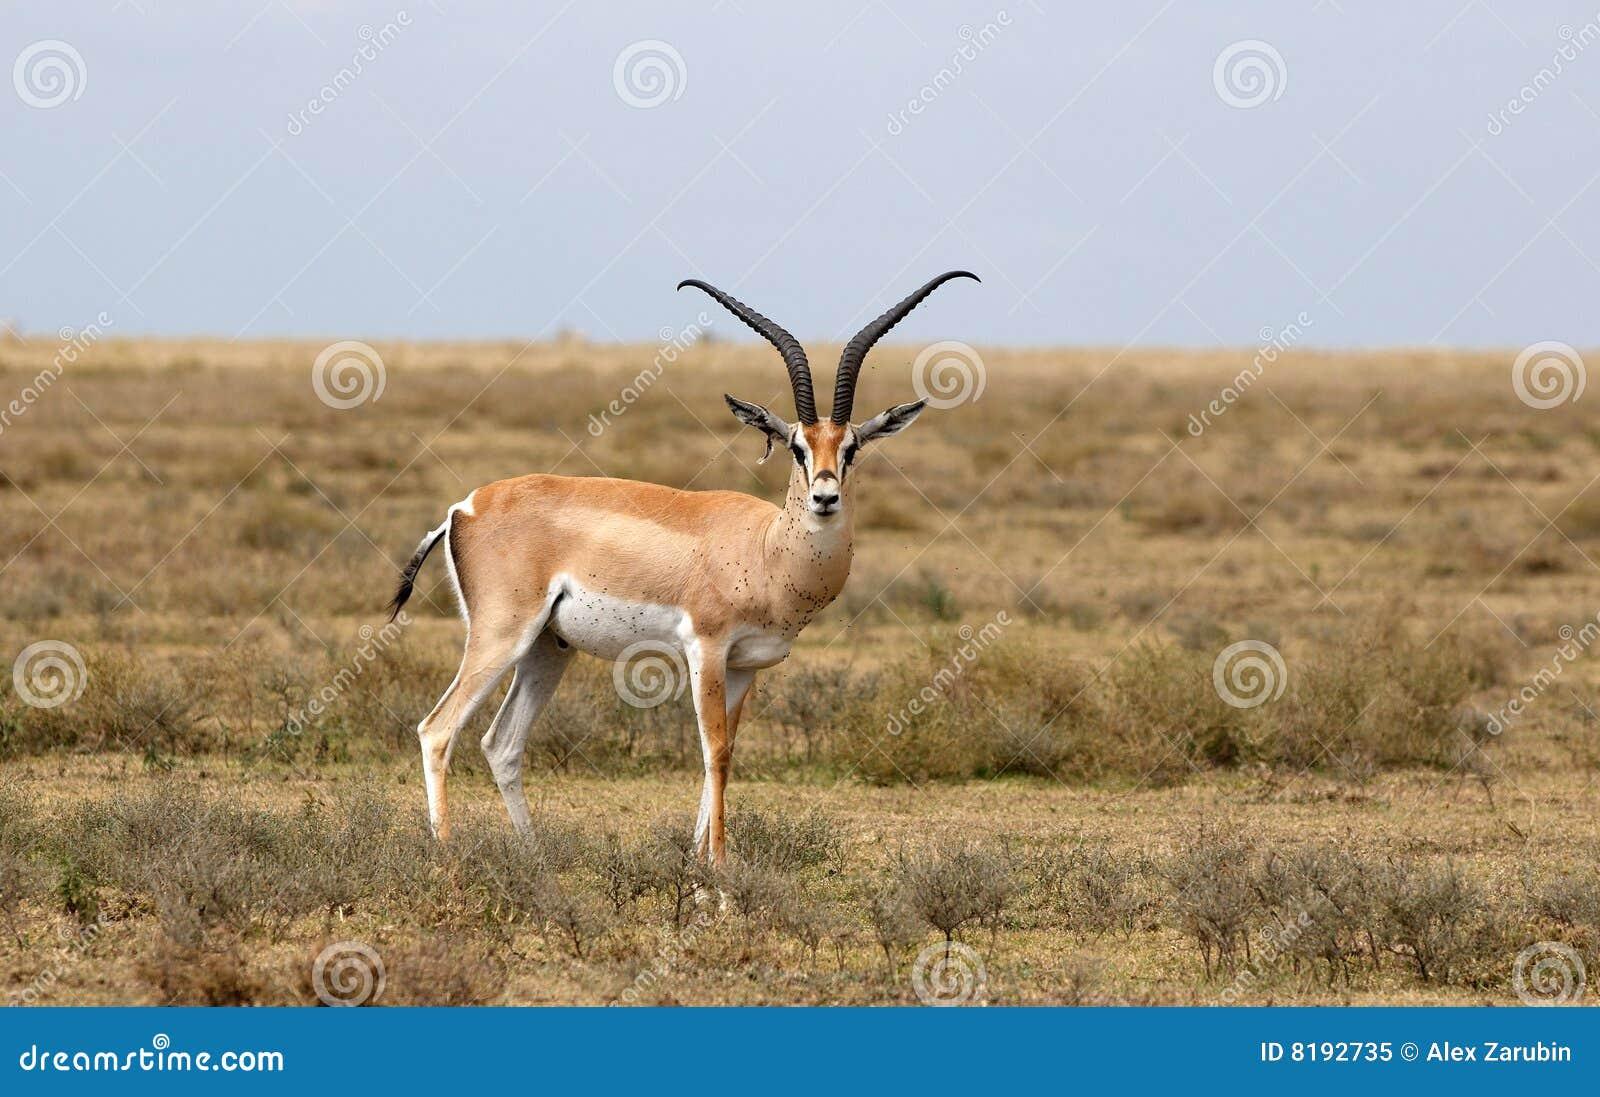 Impala - Antilope Afri...